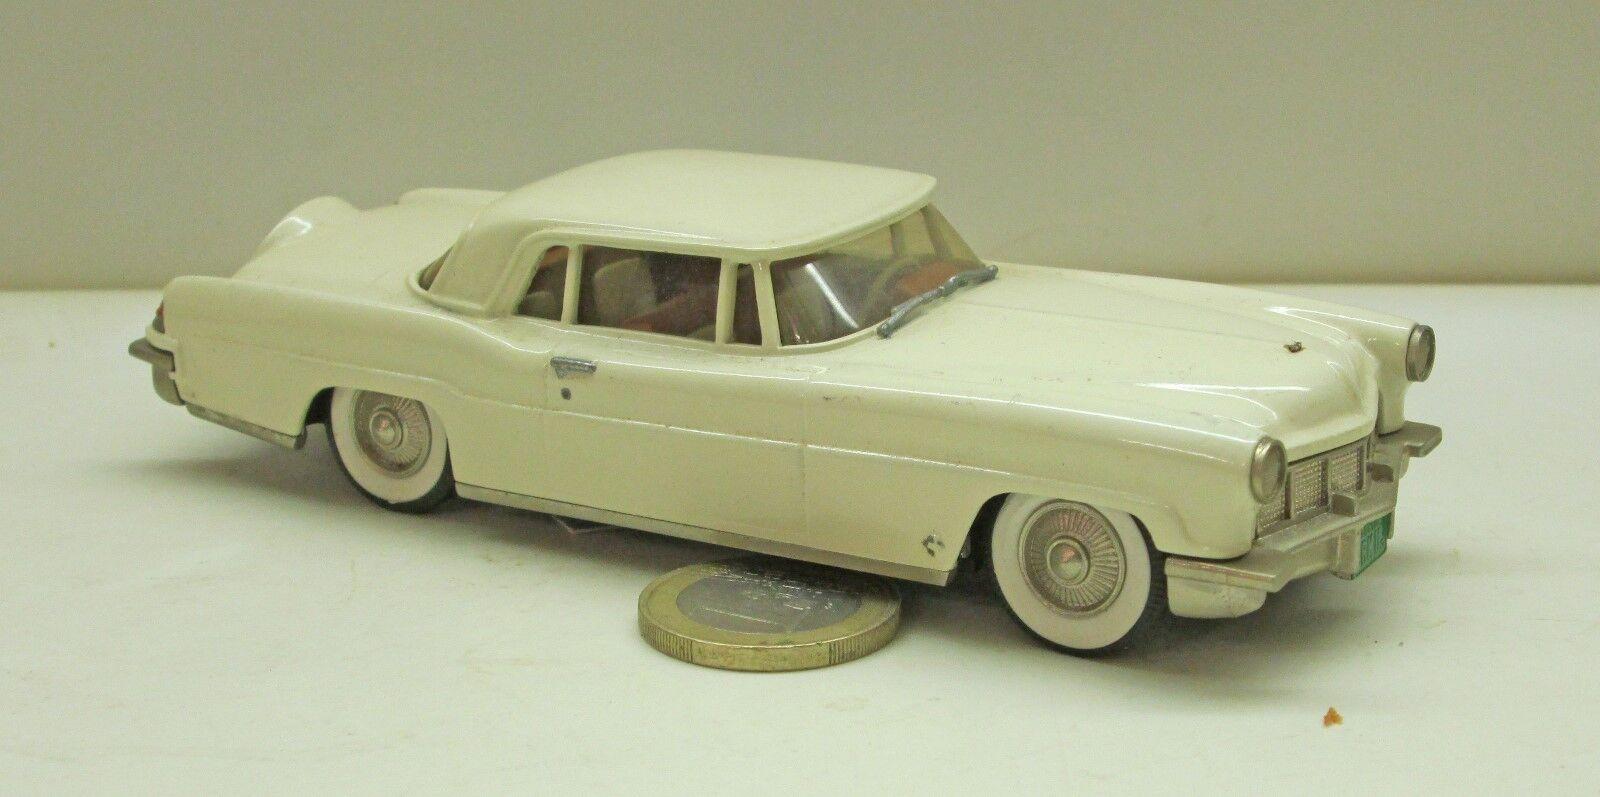 Brooklin iia  continental 1957, cremewei ß